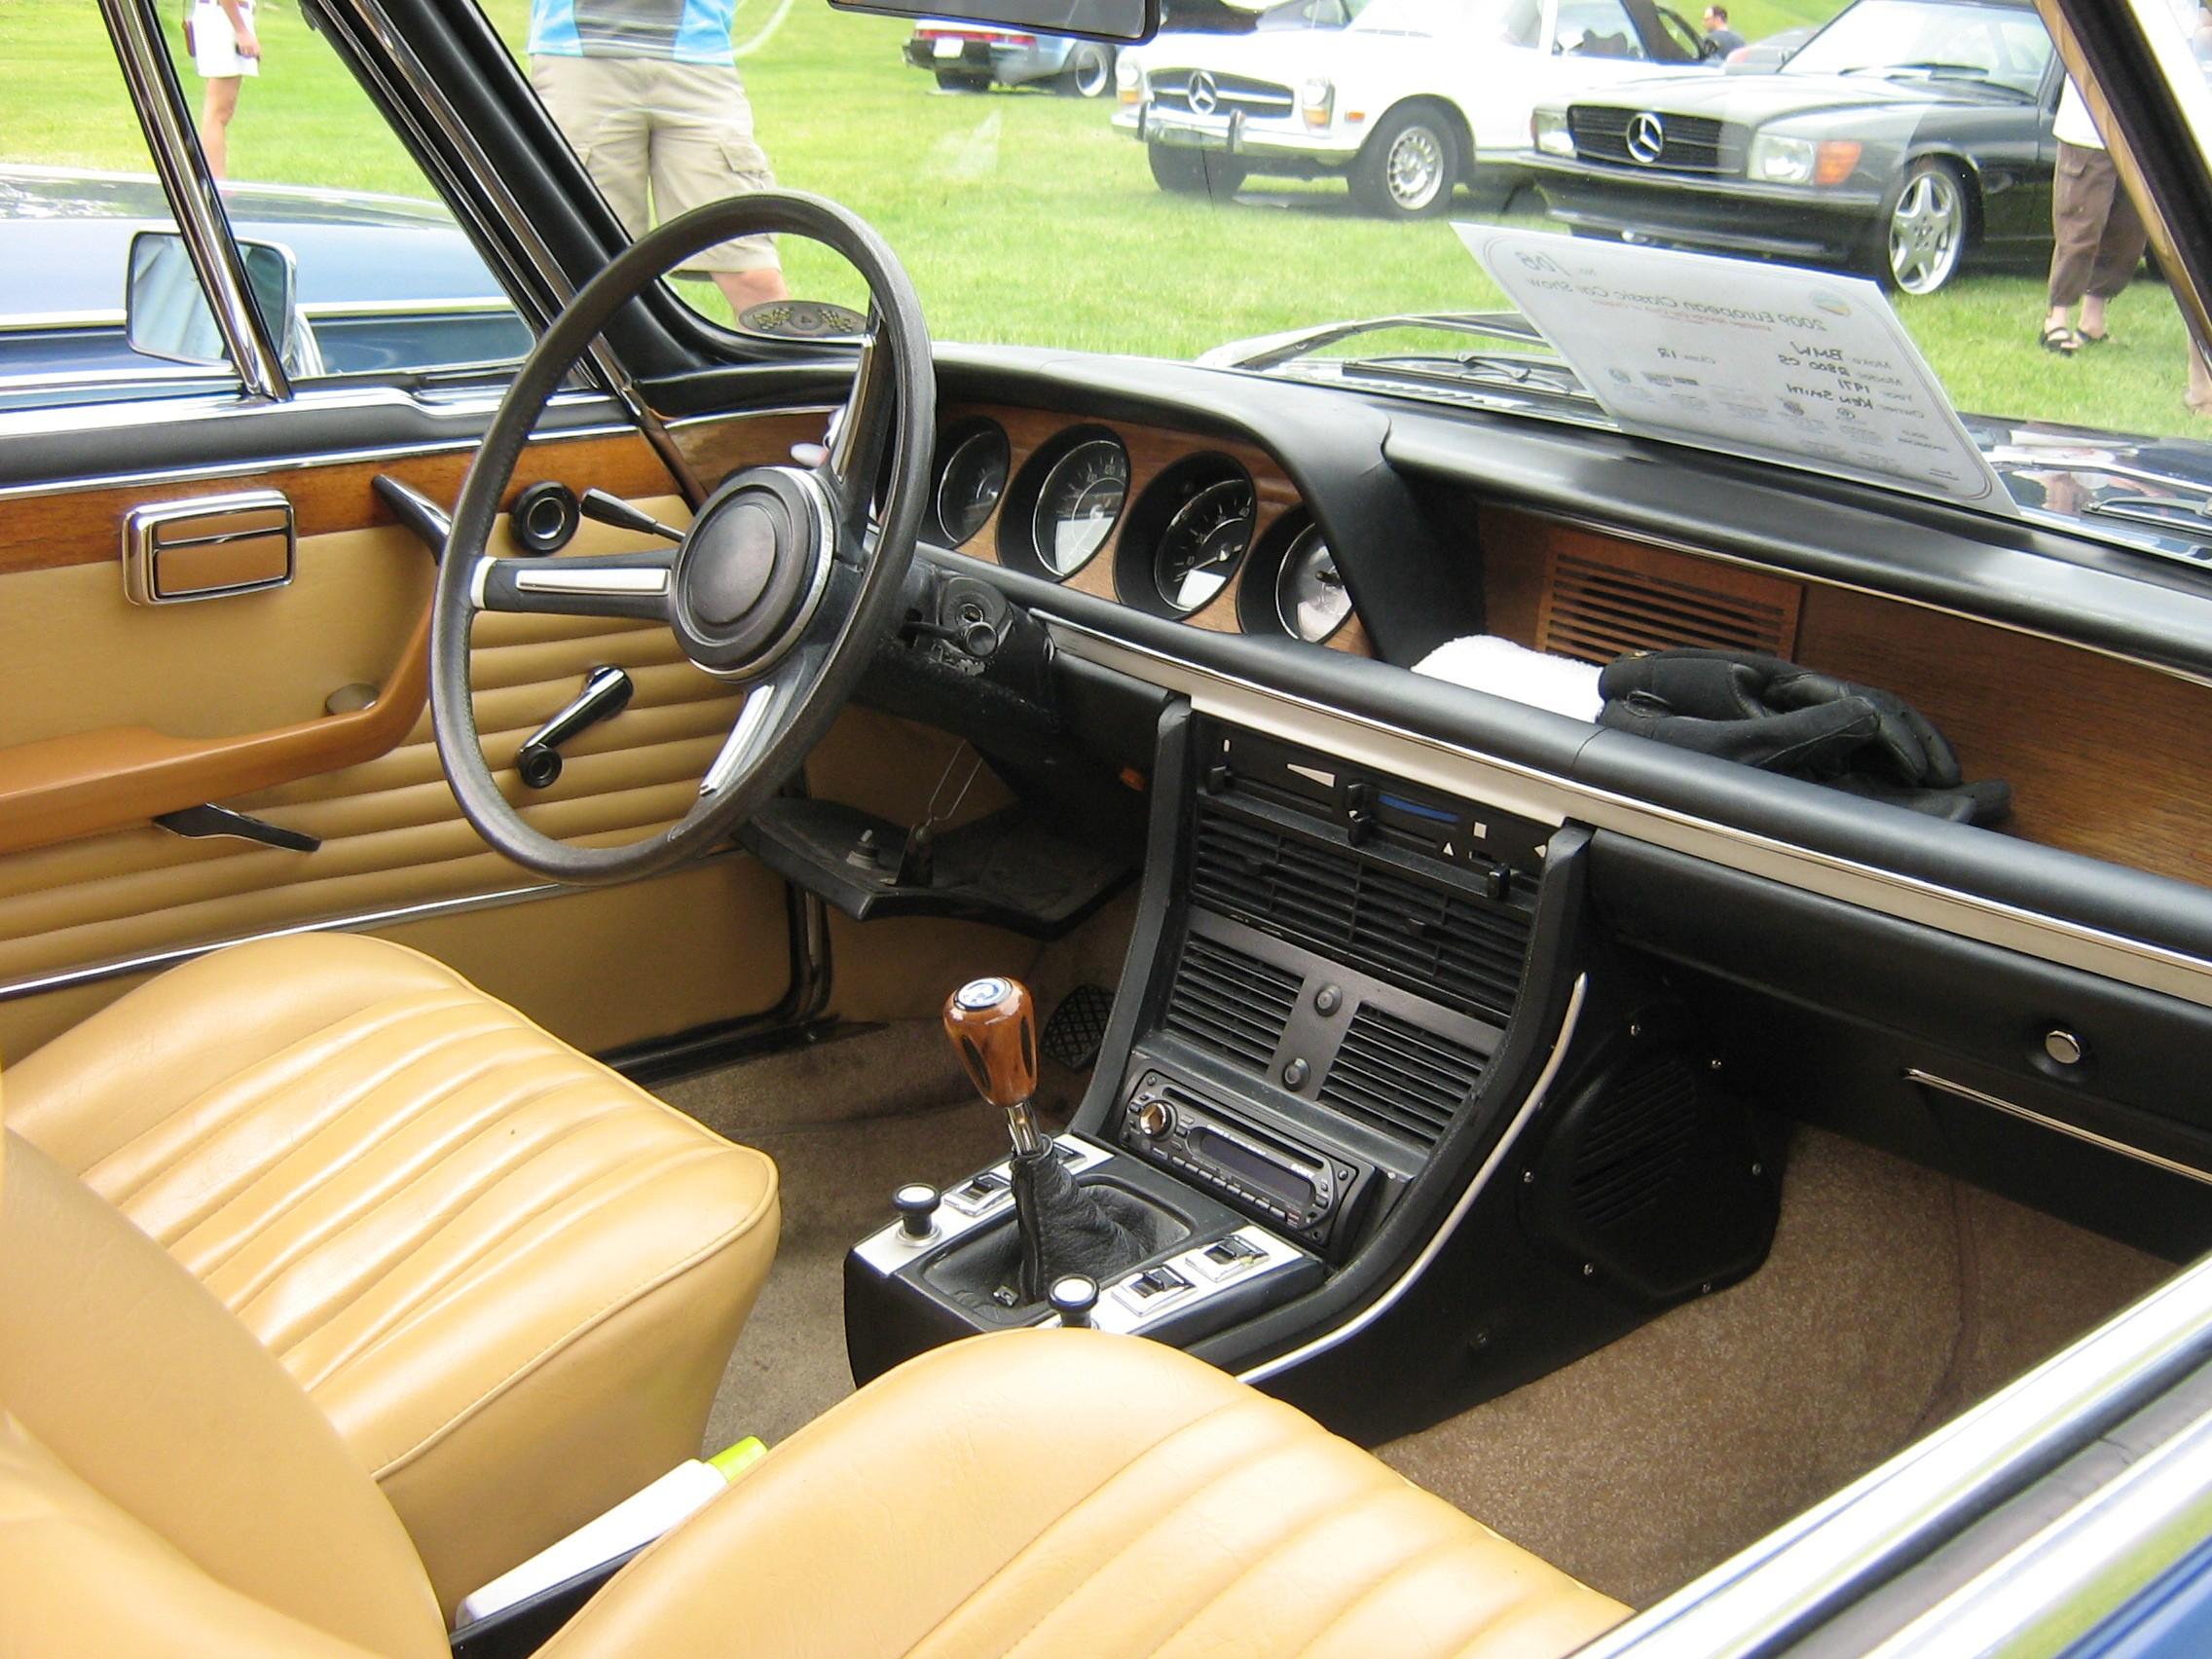 BMW 2800 CS (E9) - 1968, 1969, 1970, 1971 - autoevolution